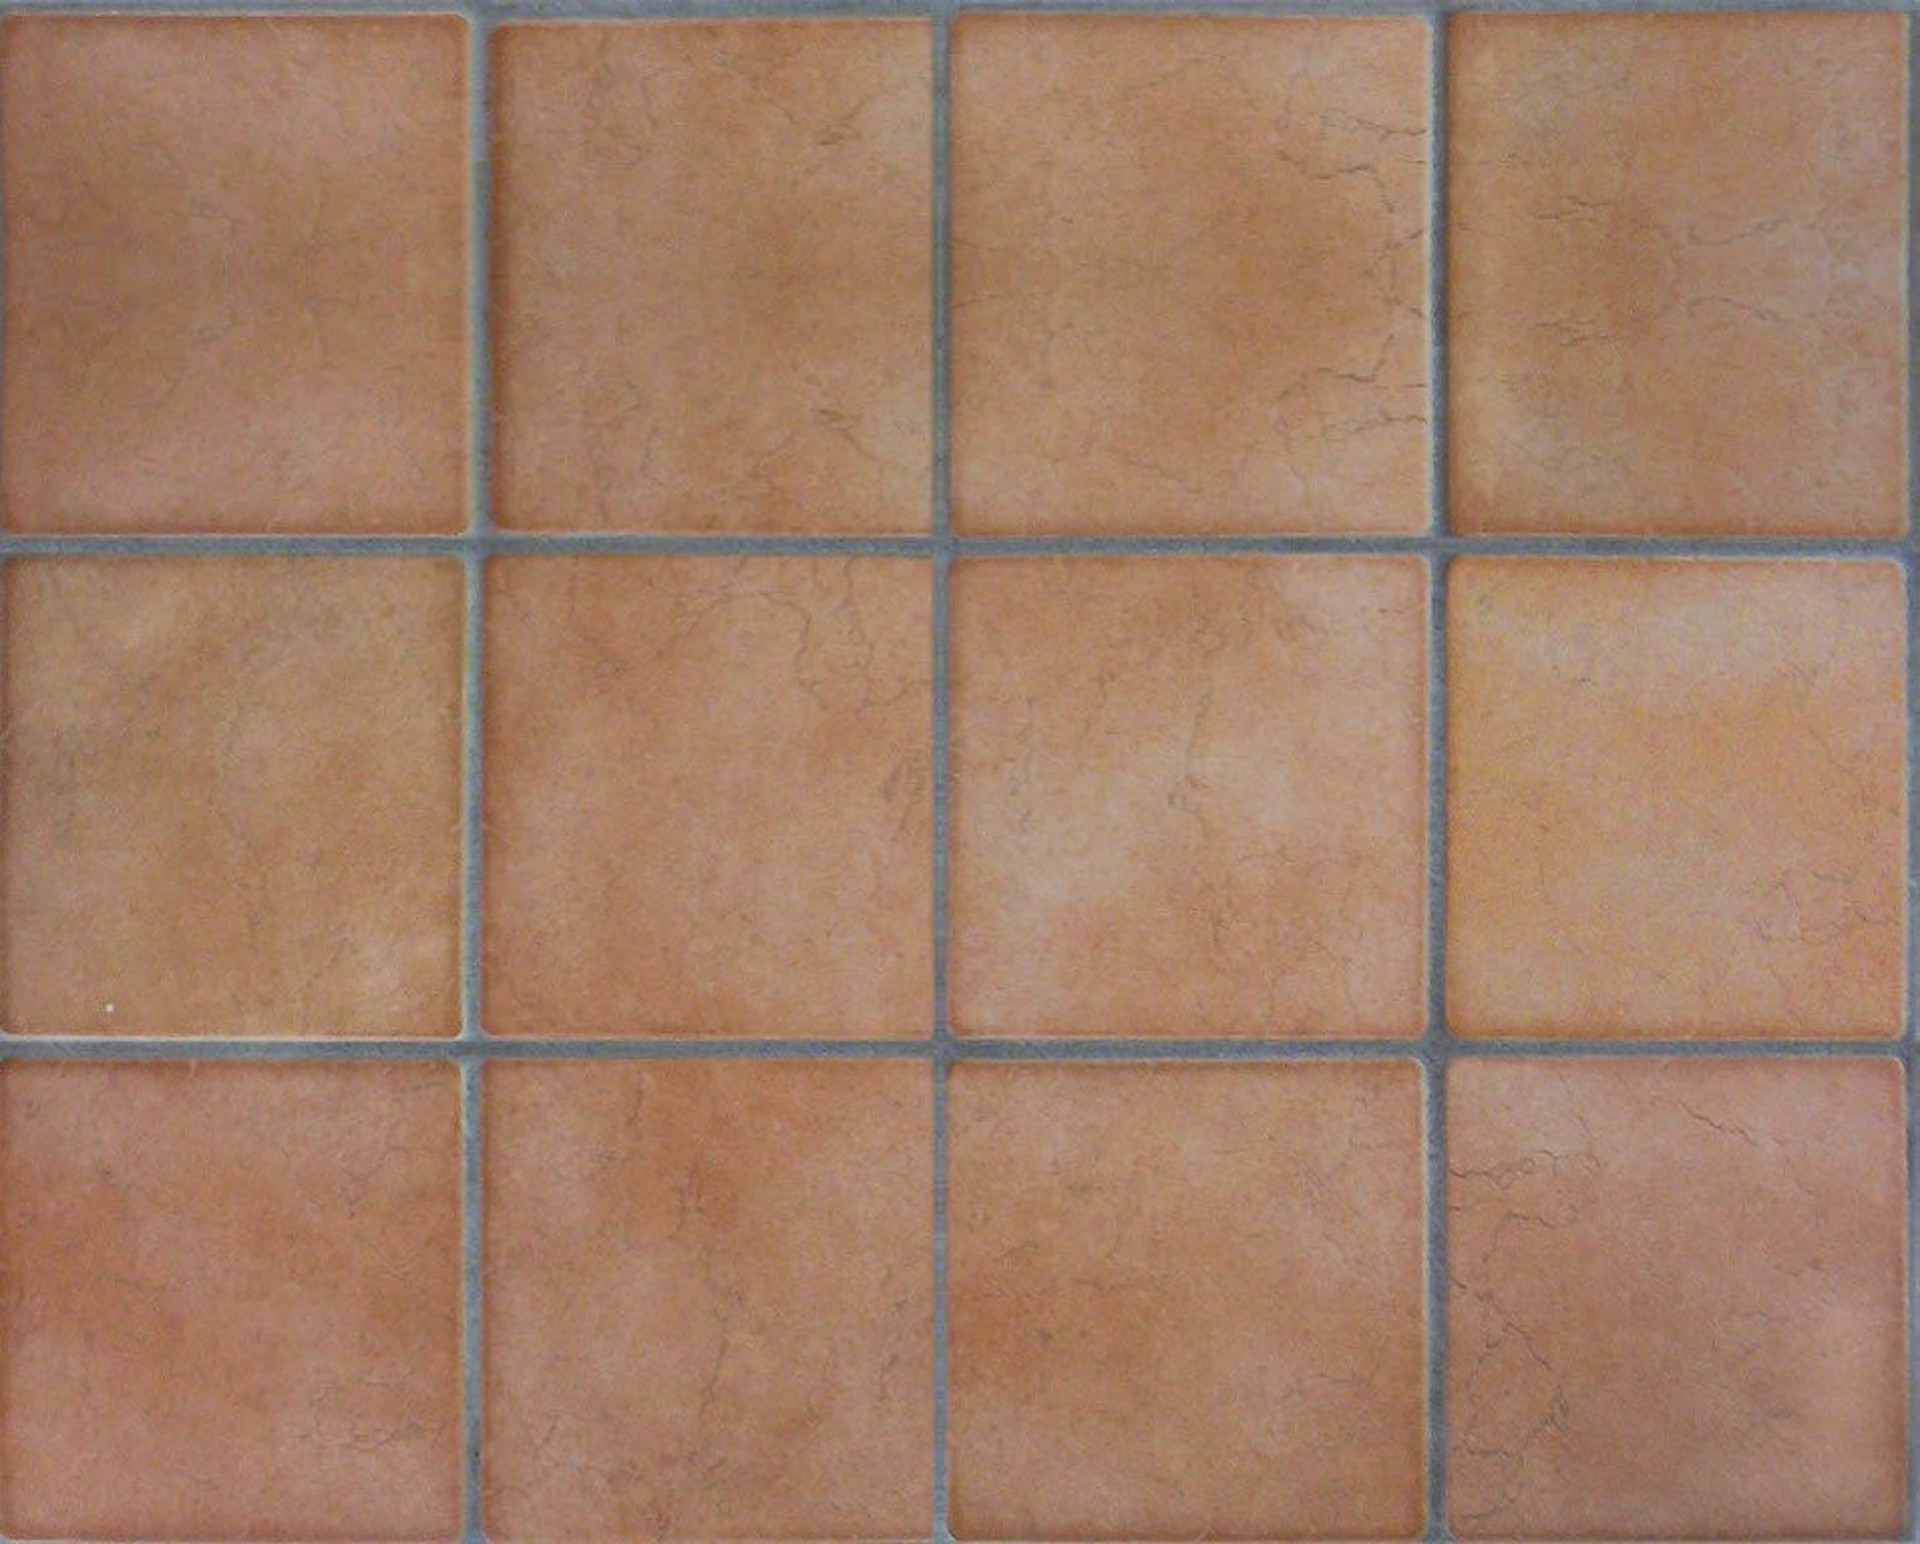 Mattonelle 2 - Texture - Download - C4Dzone